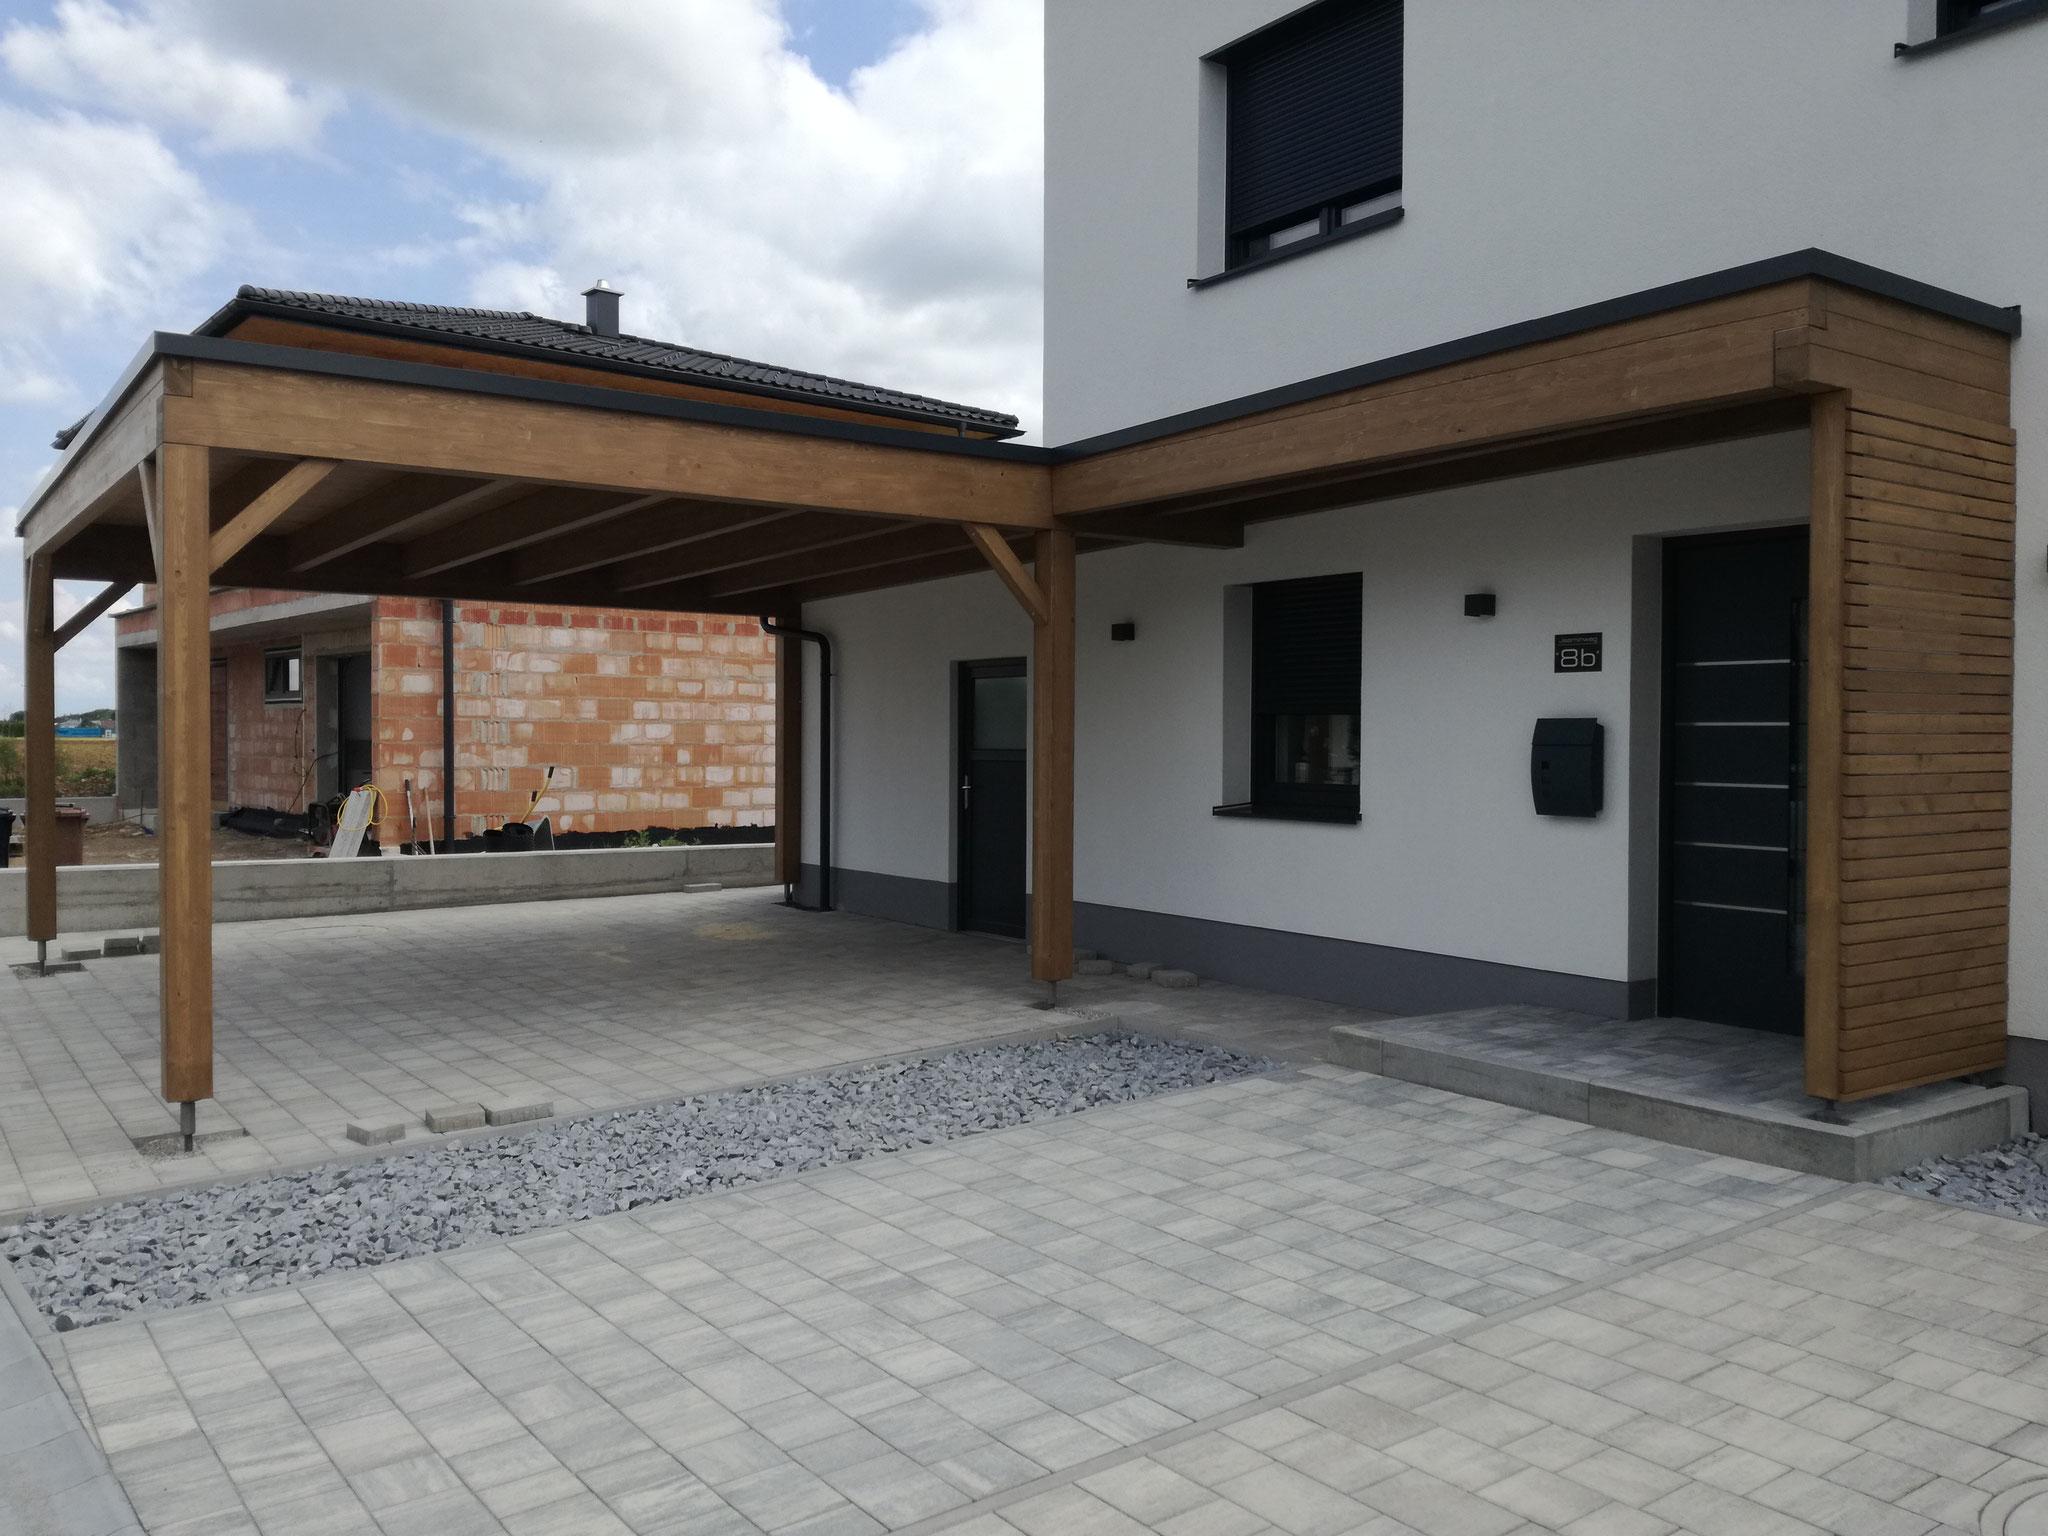 Carport mit Eingangsüberdachung/Sichtschutz und Resitrix Dacheindeckung